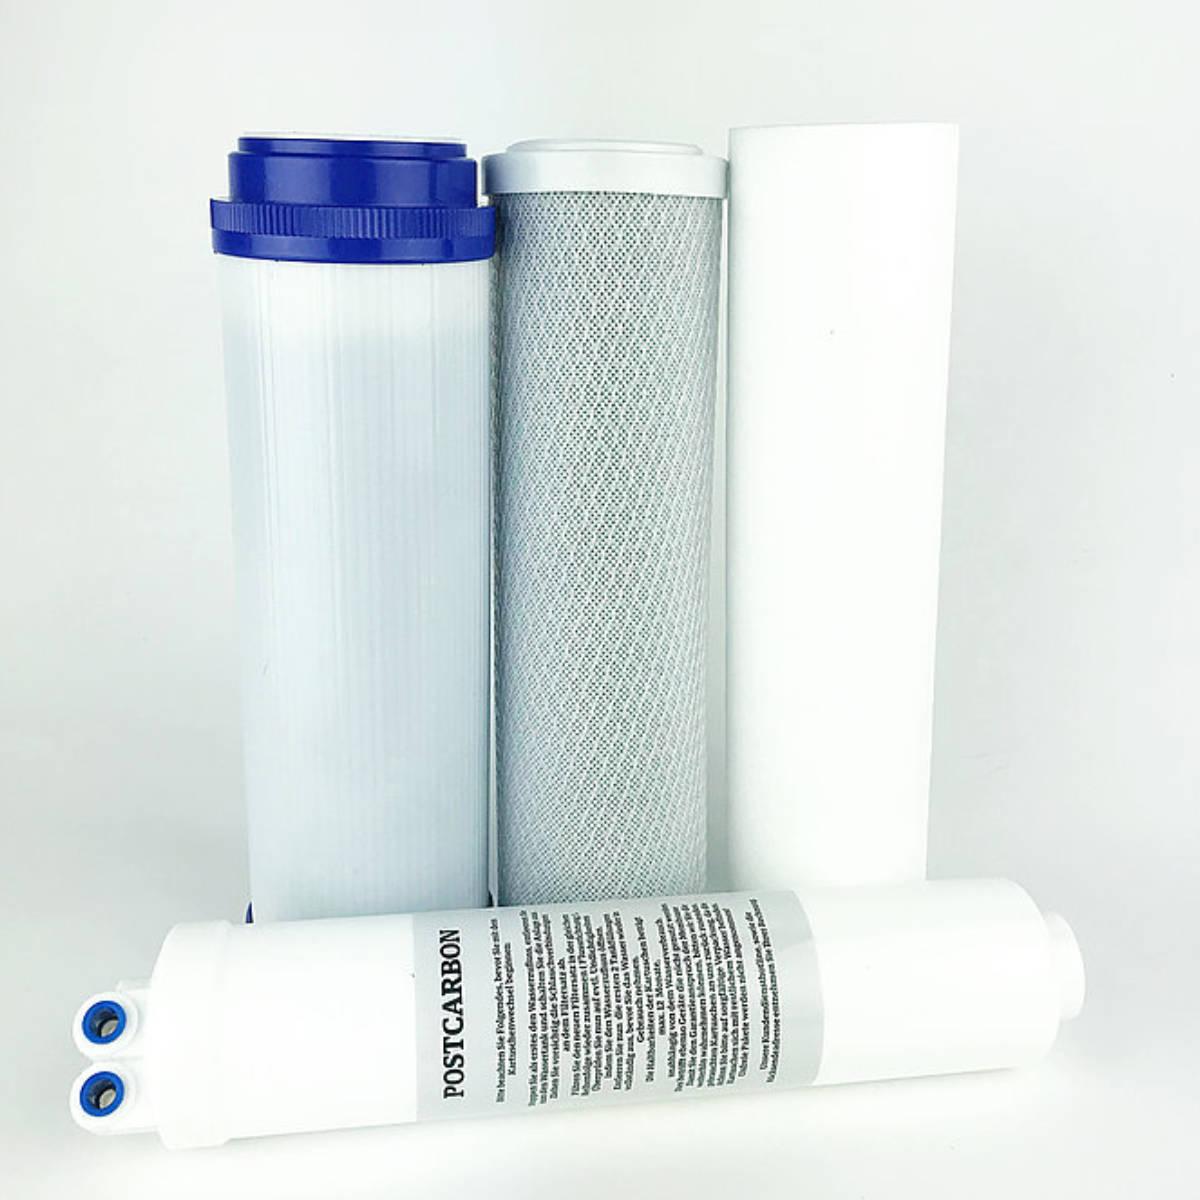 Aqua Living Geräte ALK 550 AGI RO Umkehrosmose